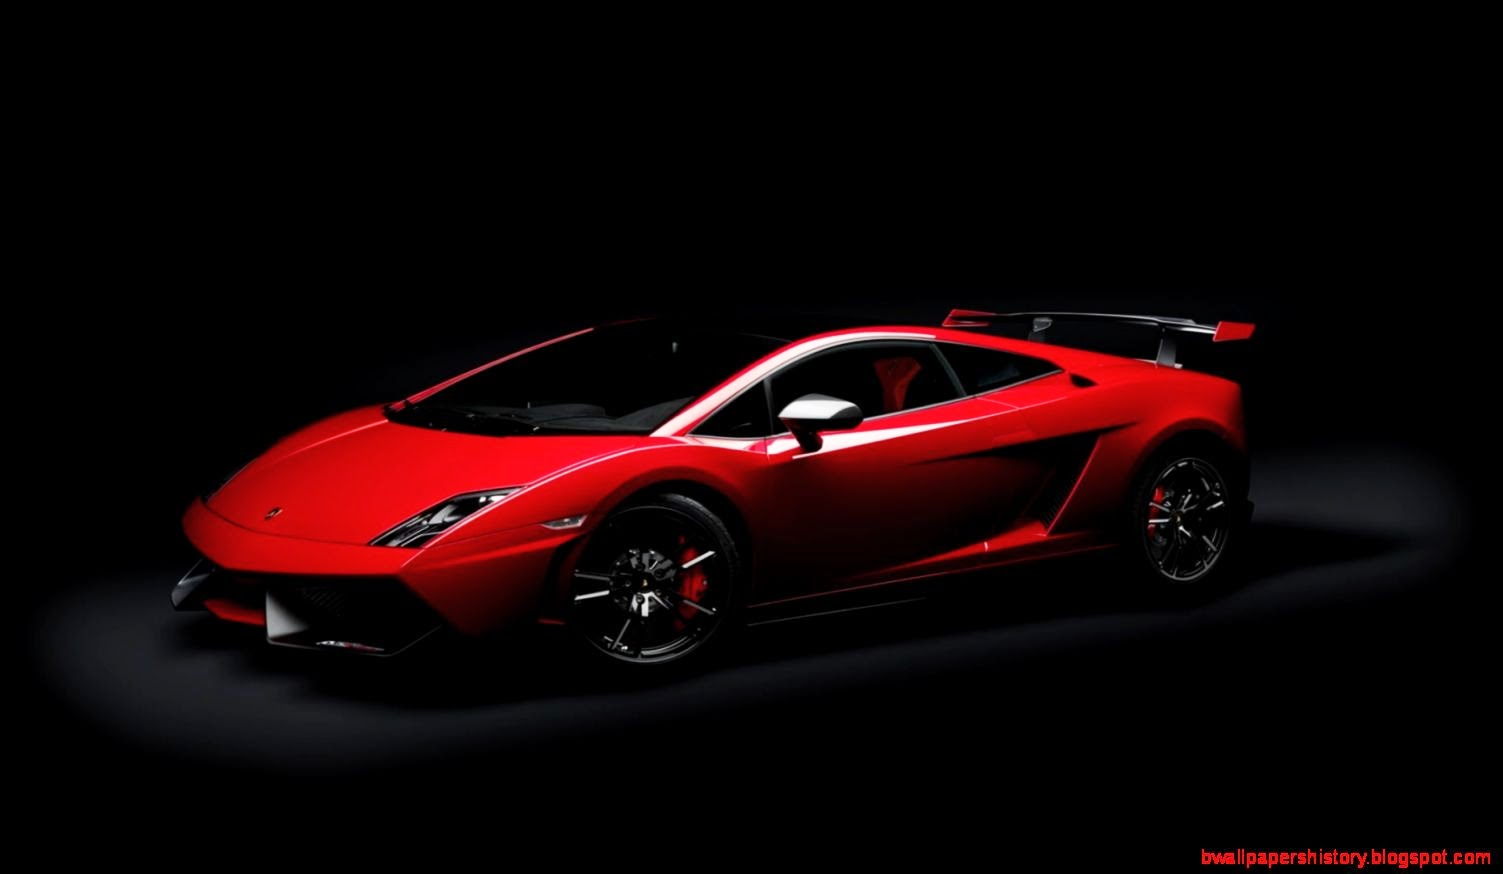 Red And Black Lamborghini Wallpaper 26 Hd Wallpaper